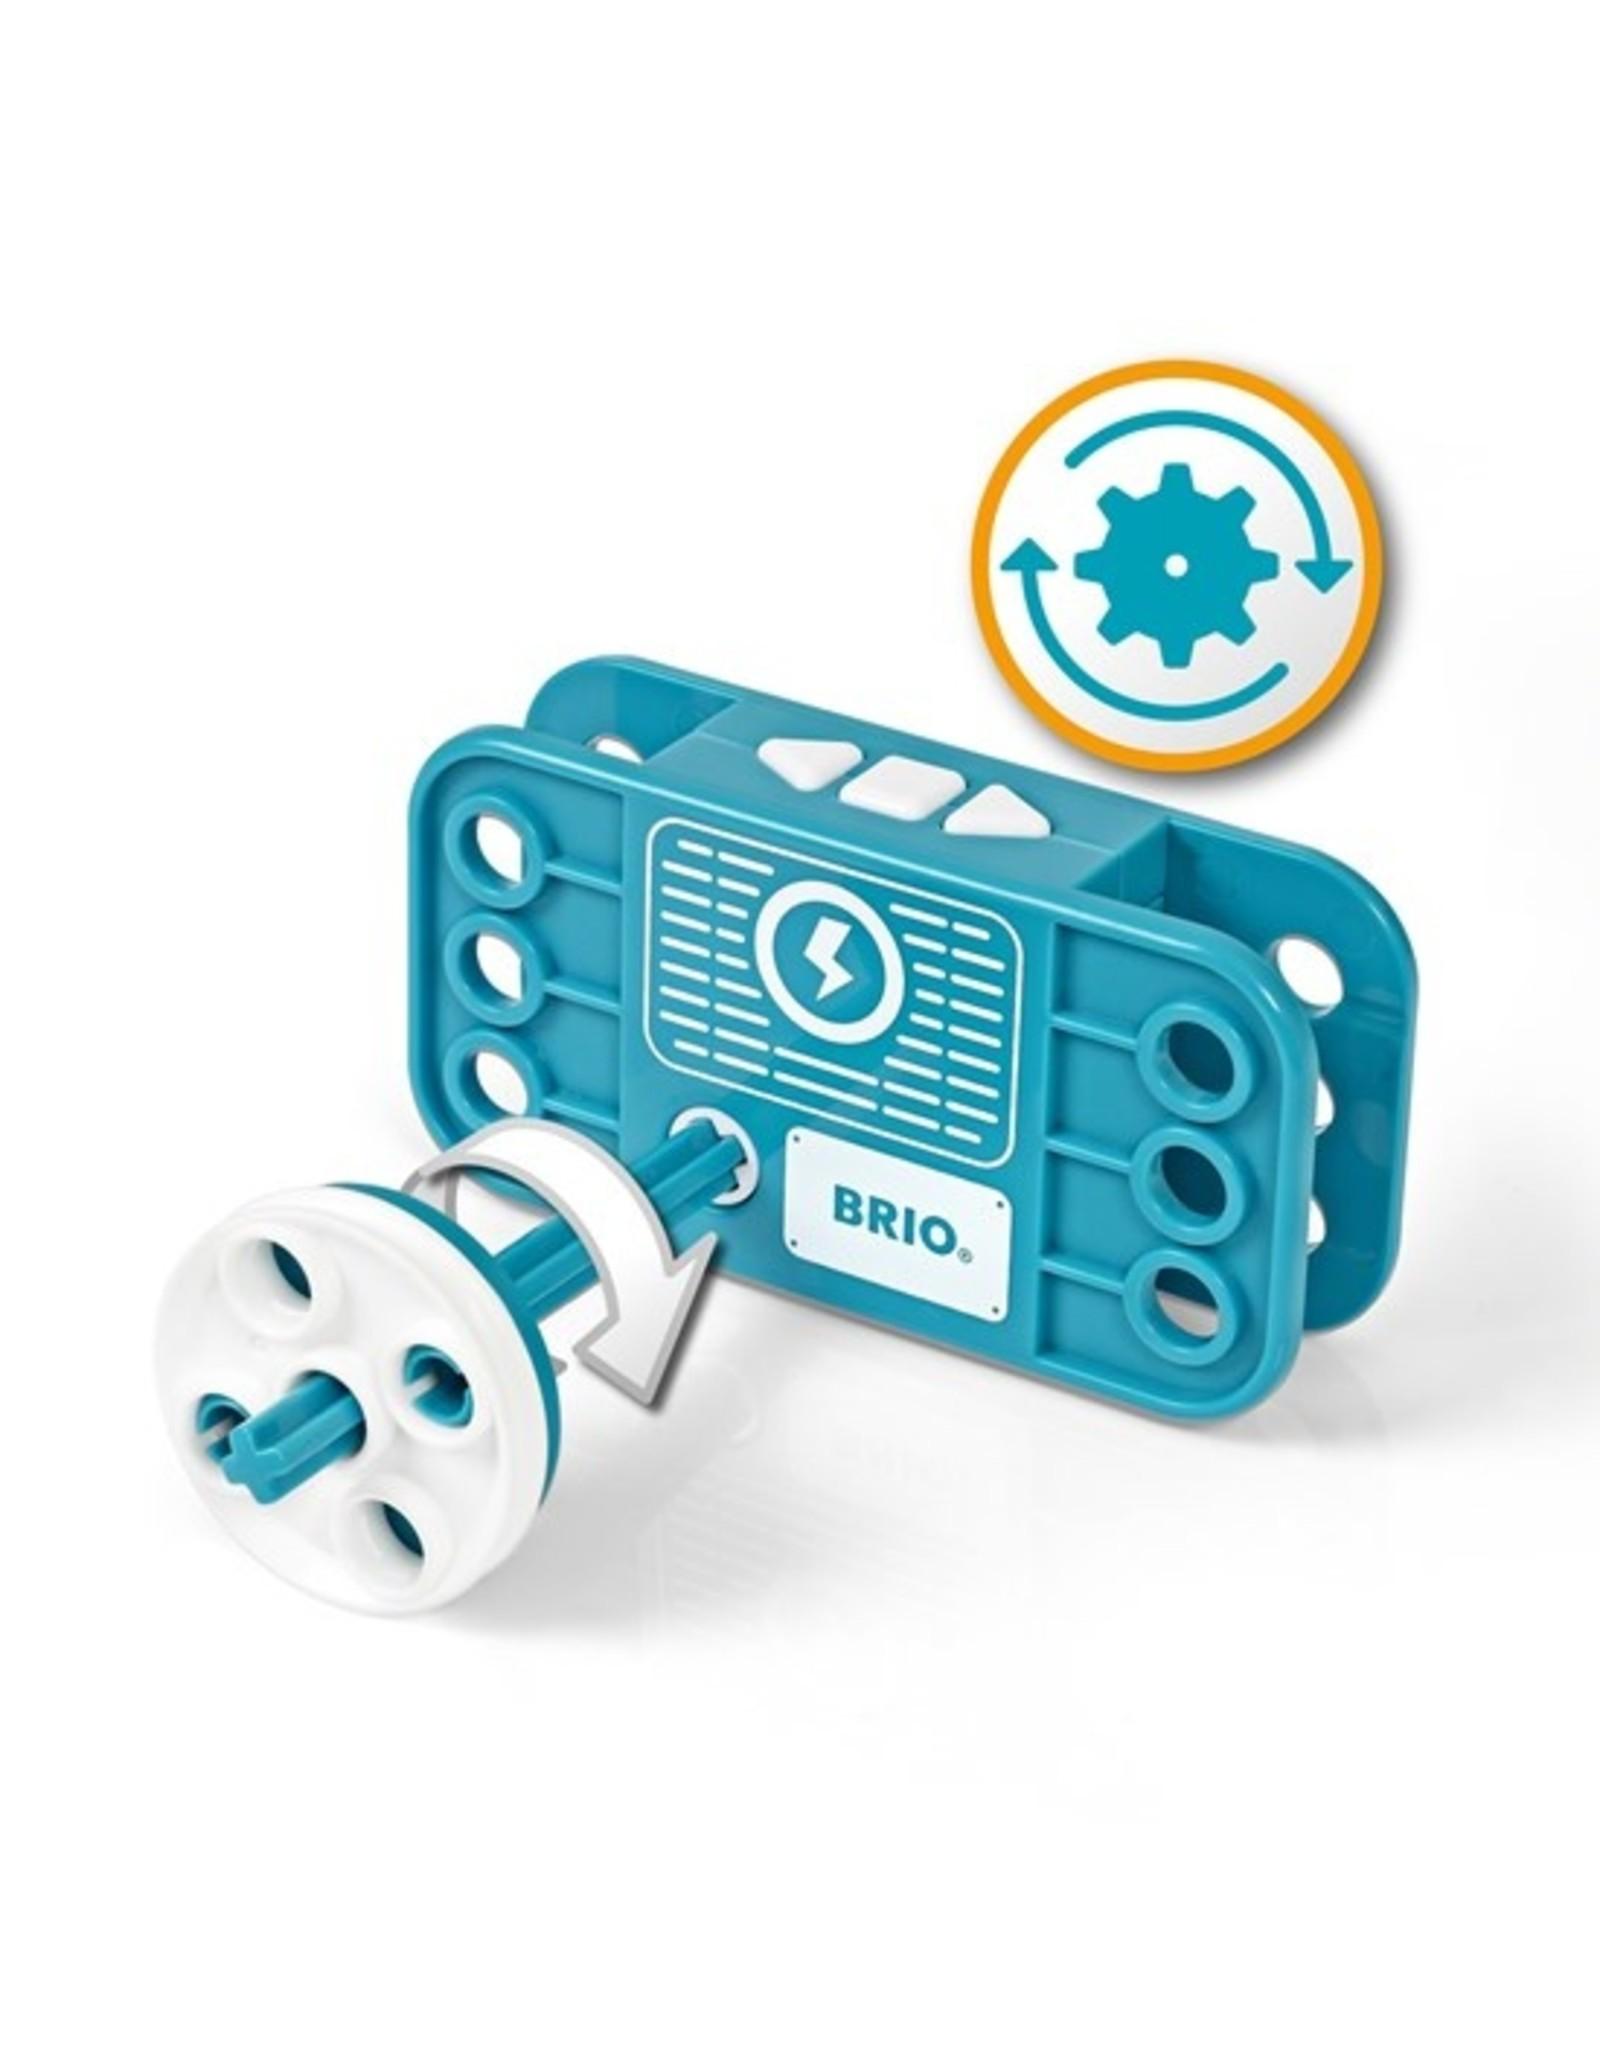 Brio BRIO Builder Motor Set